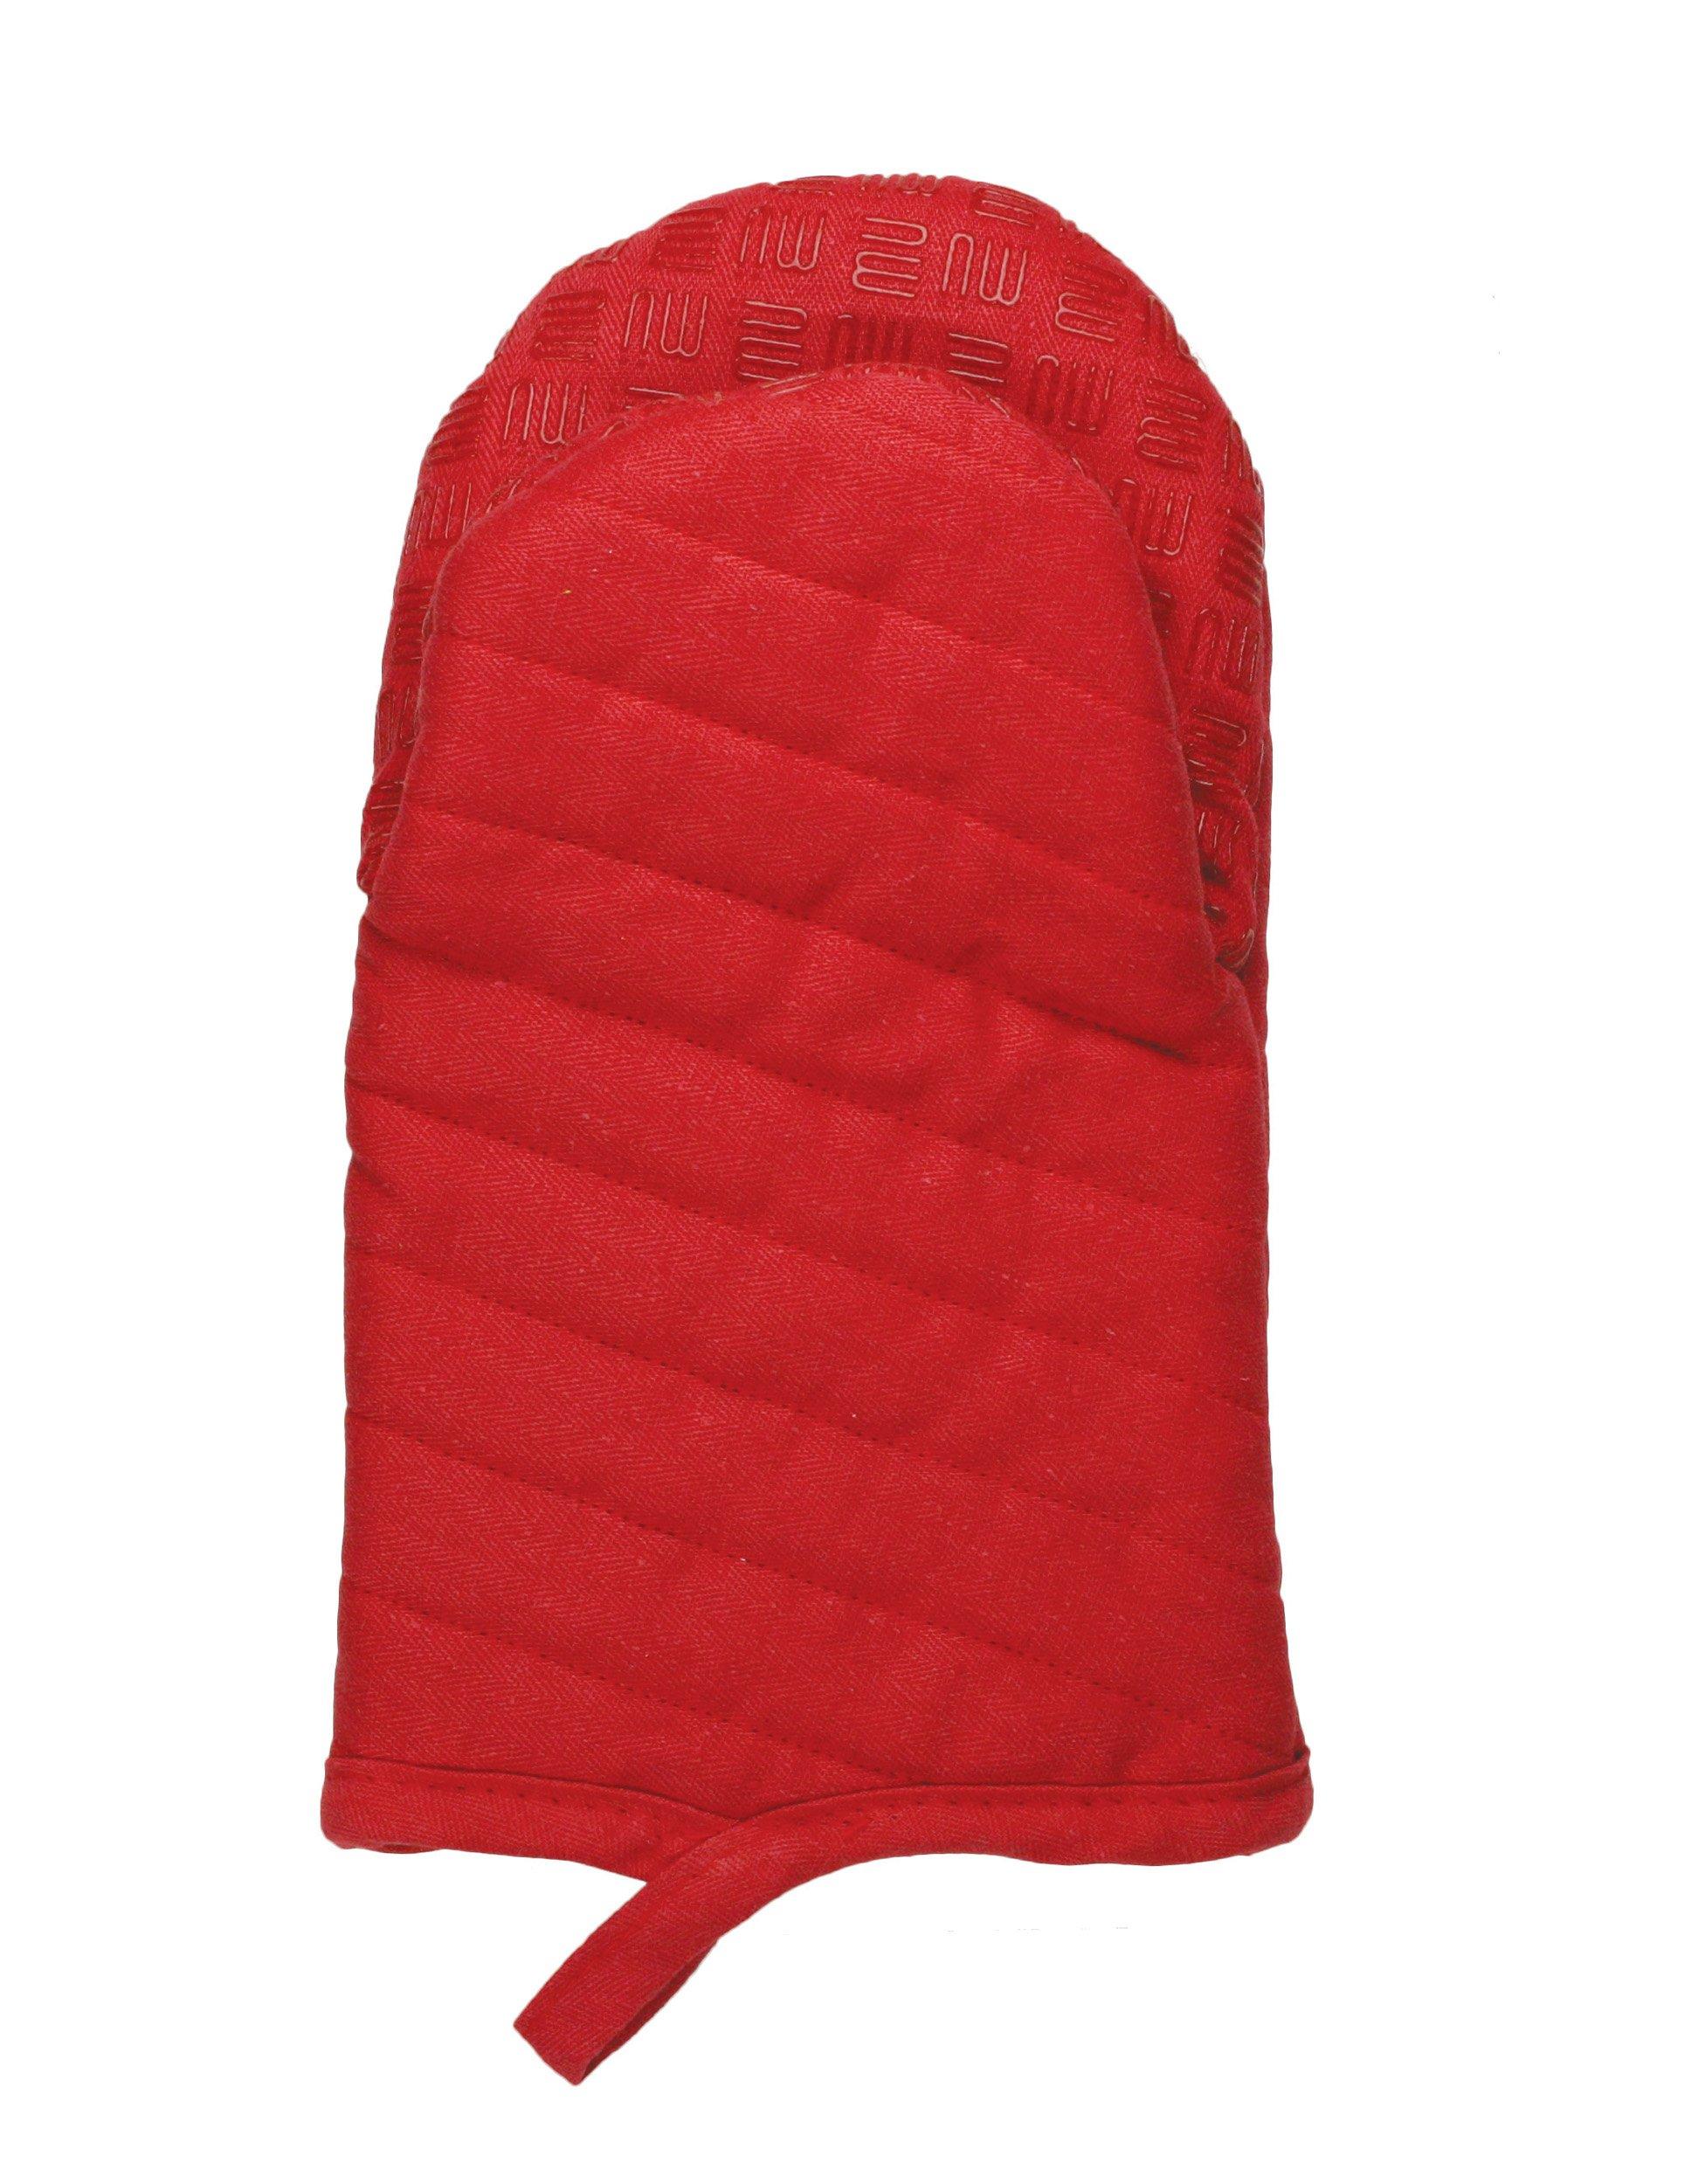 Mukitchen Silcone Grip Oven Mitt - Pepper Red